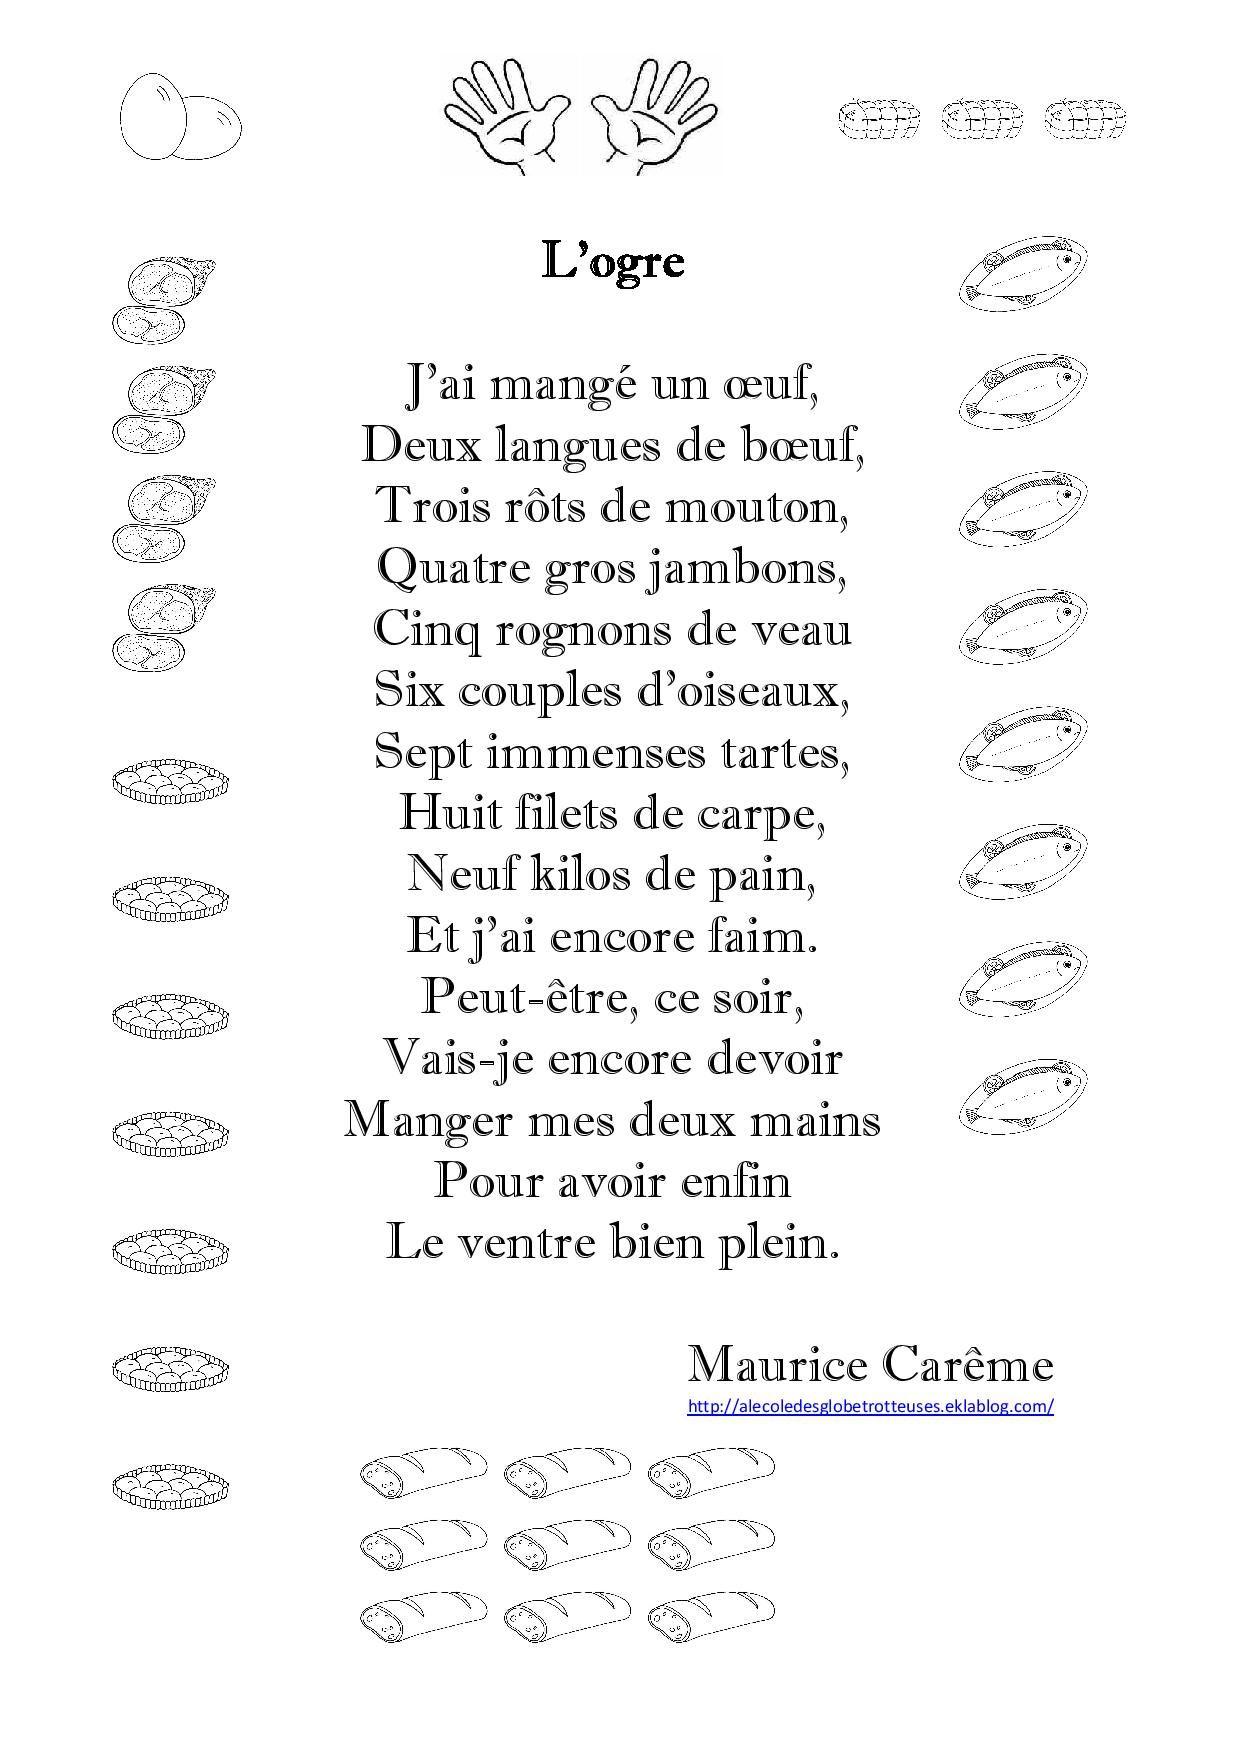 Résultats De Recherche D'images Pour « Ogre Maurice Careme à Mars De Maurice Careme A Imprimer